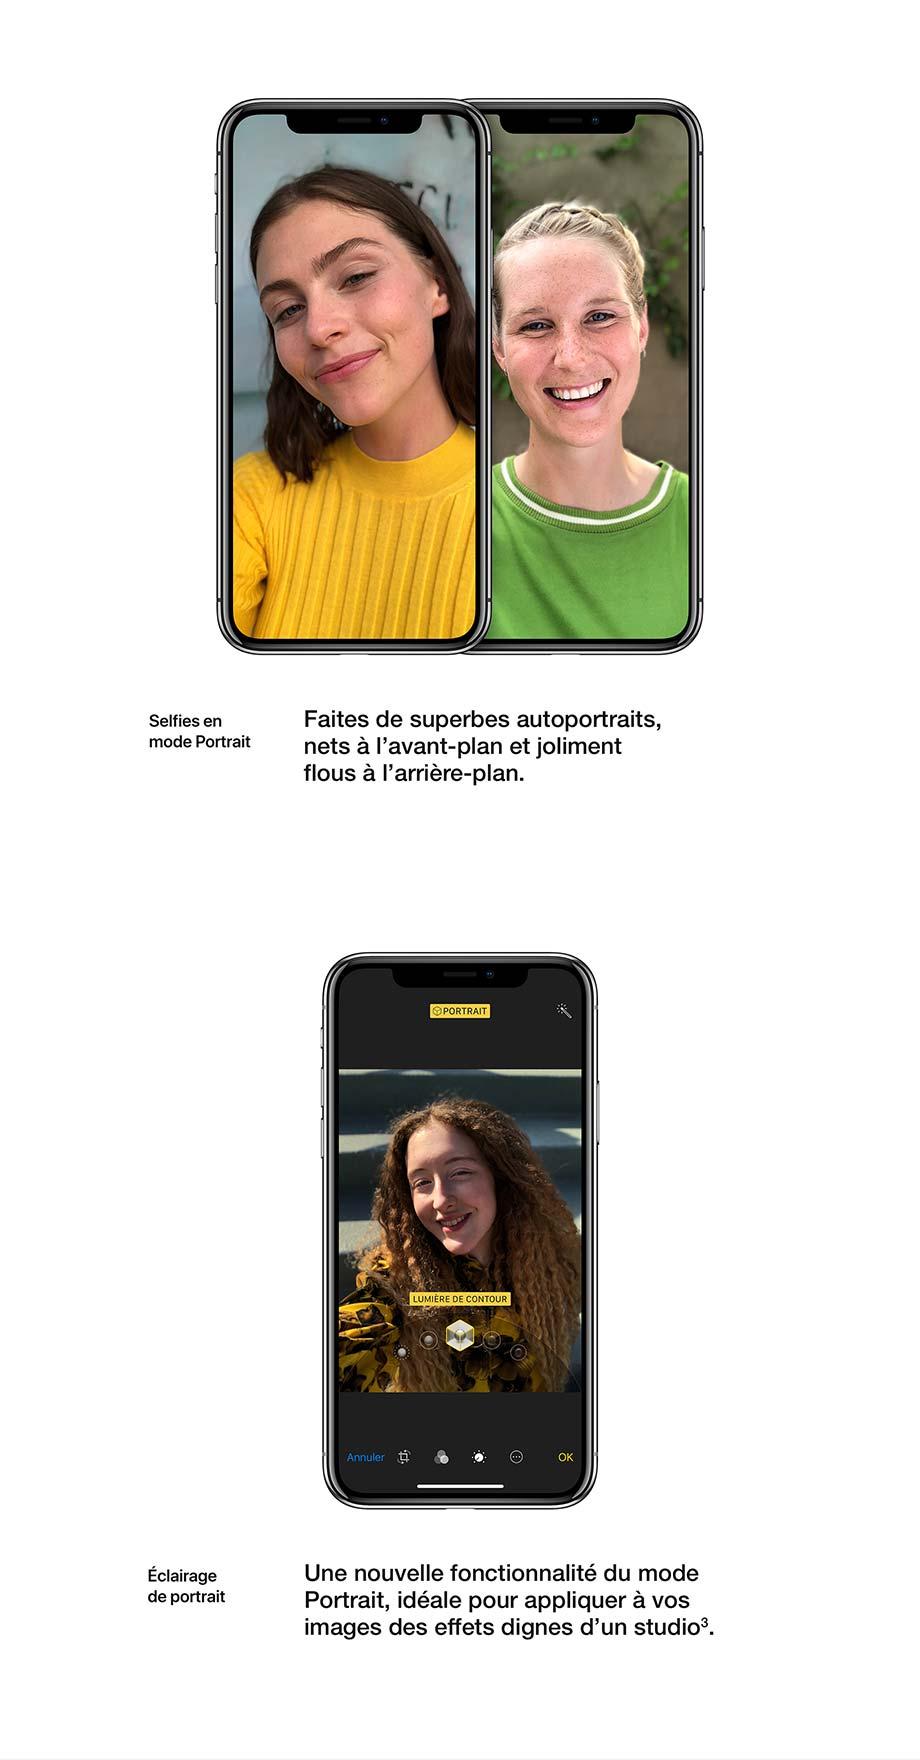 Selfies en mode Portrait, Éclairage de portrait